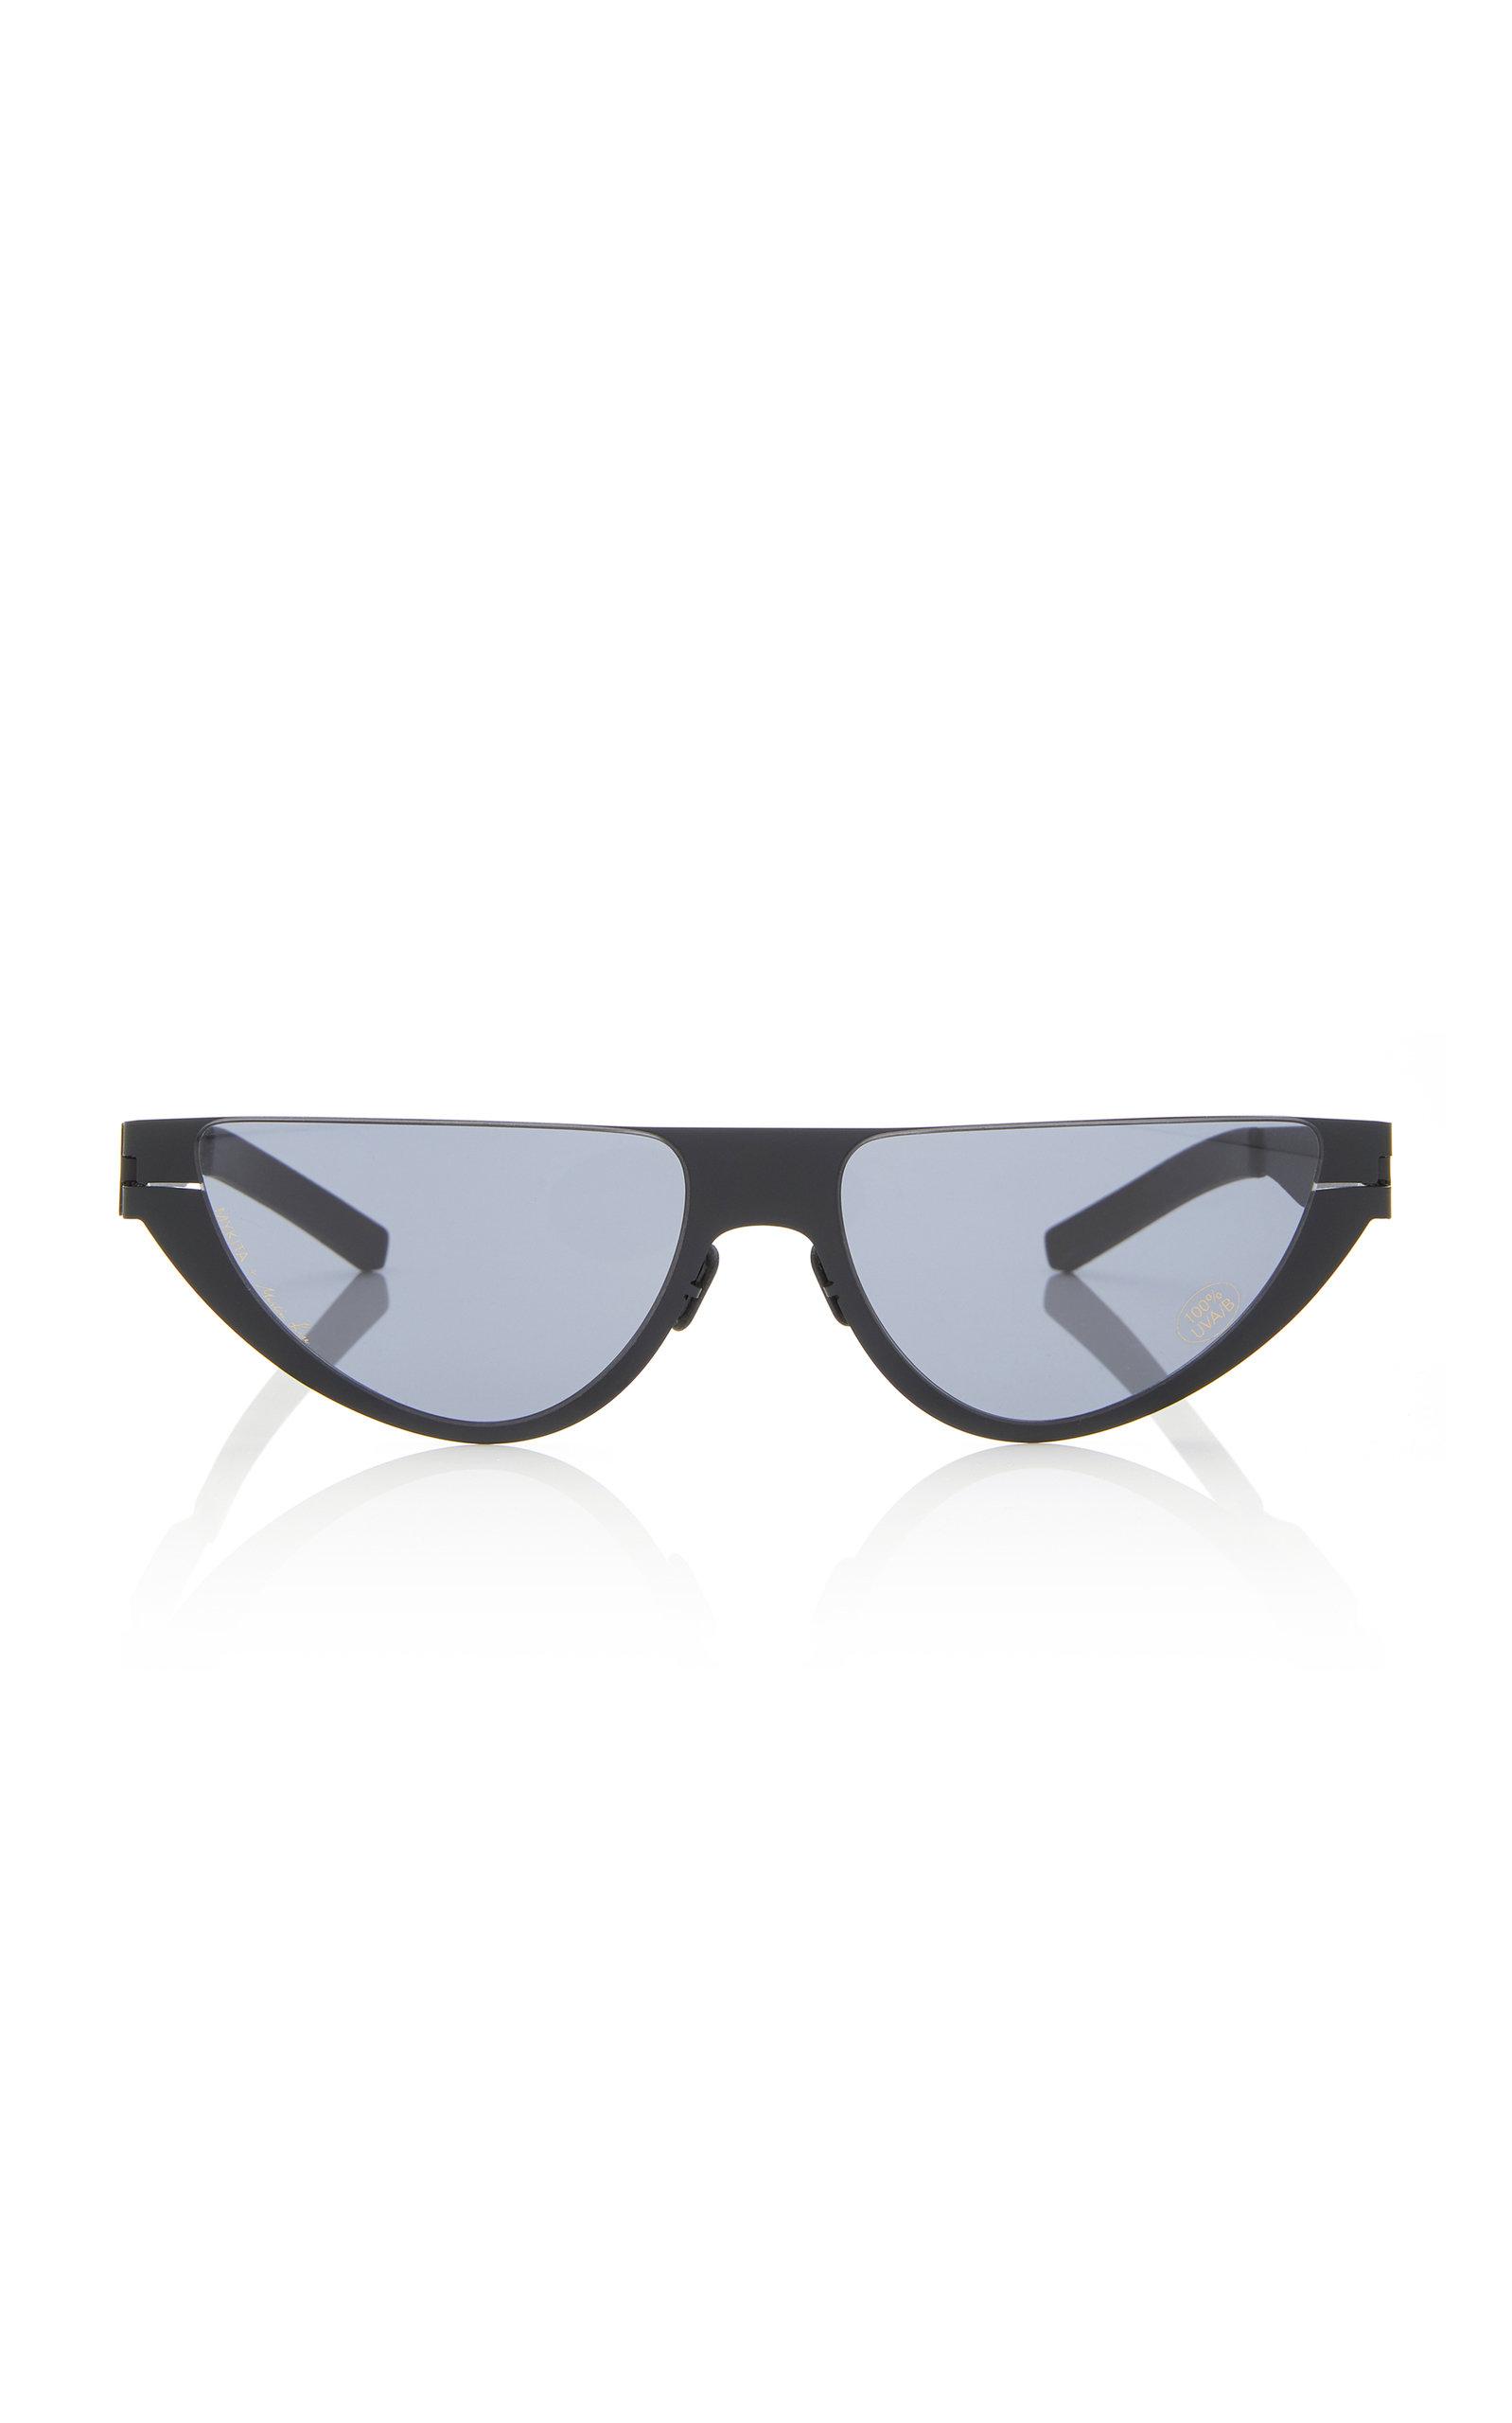 MYKITA Cat-eye shaped sunglasses mdeuP